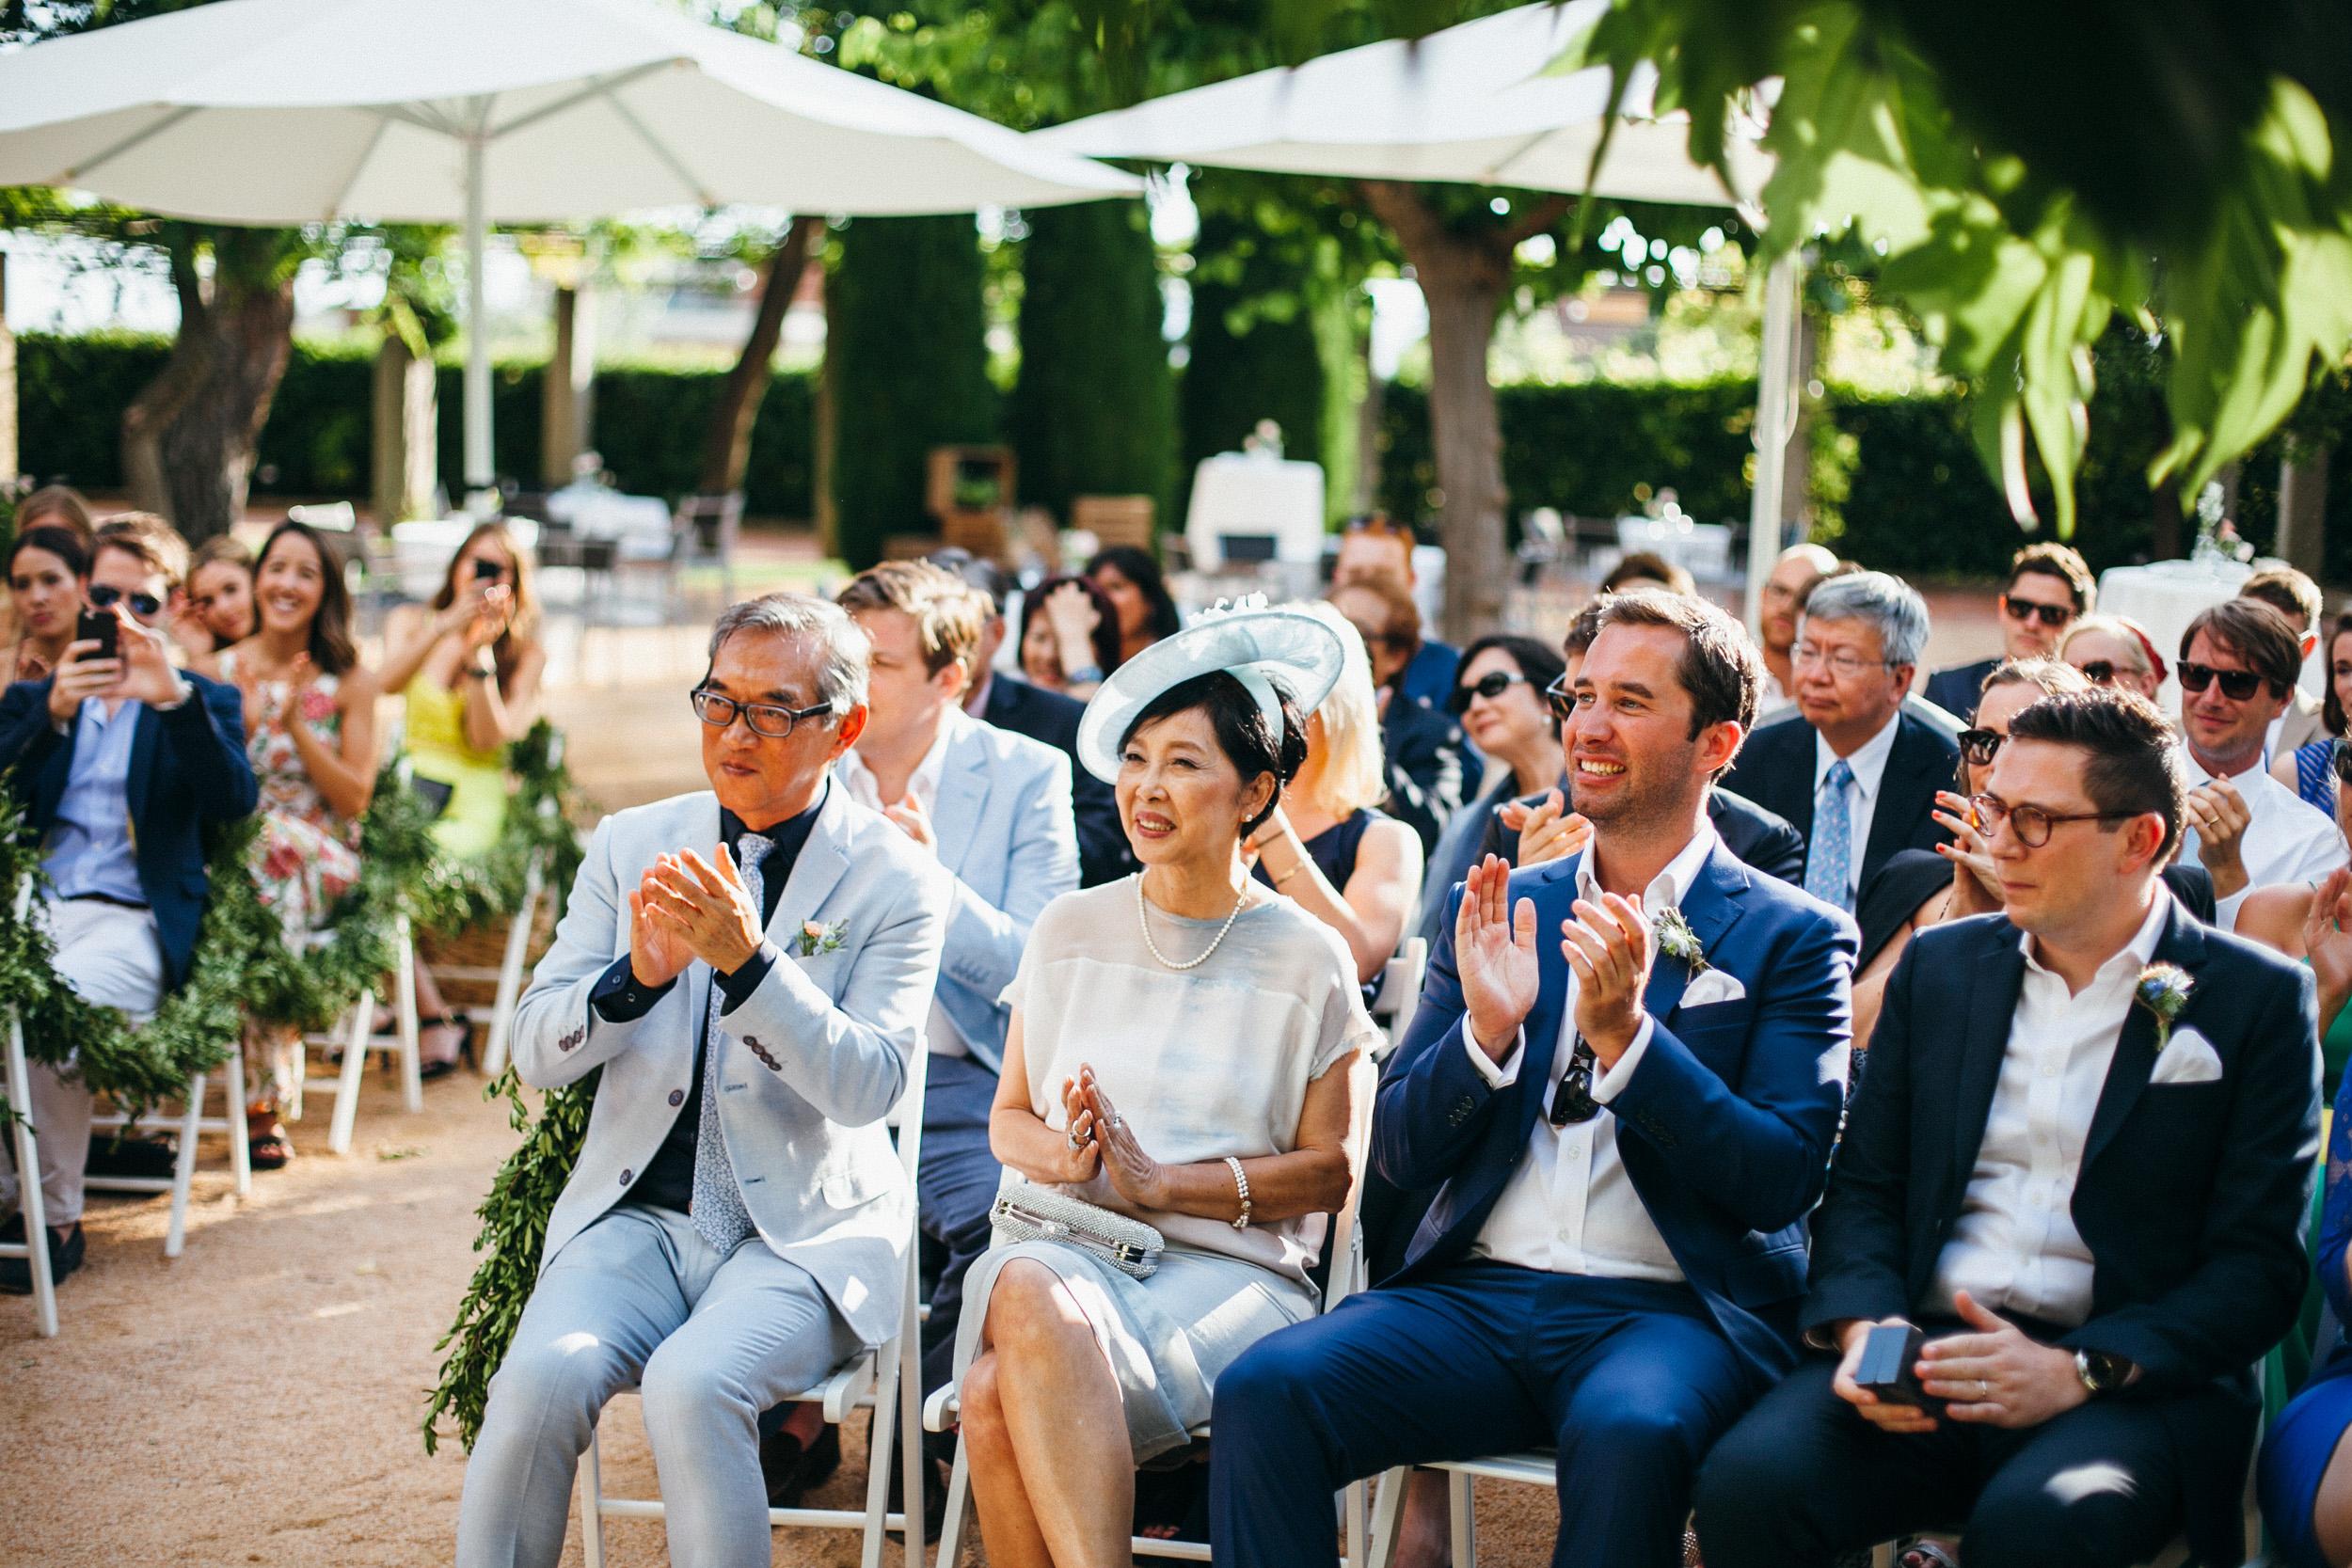 fotografos_boda_wedding_barcelona_valencia083.jpg